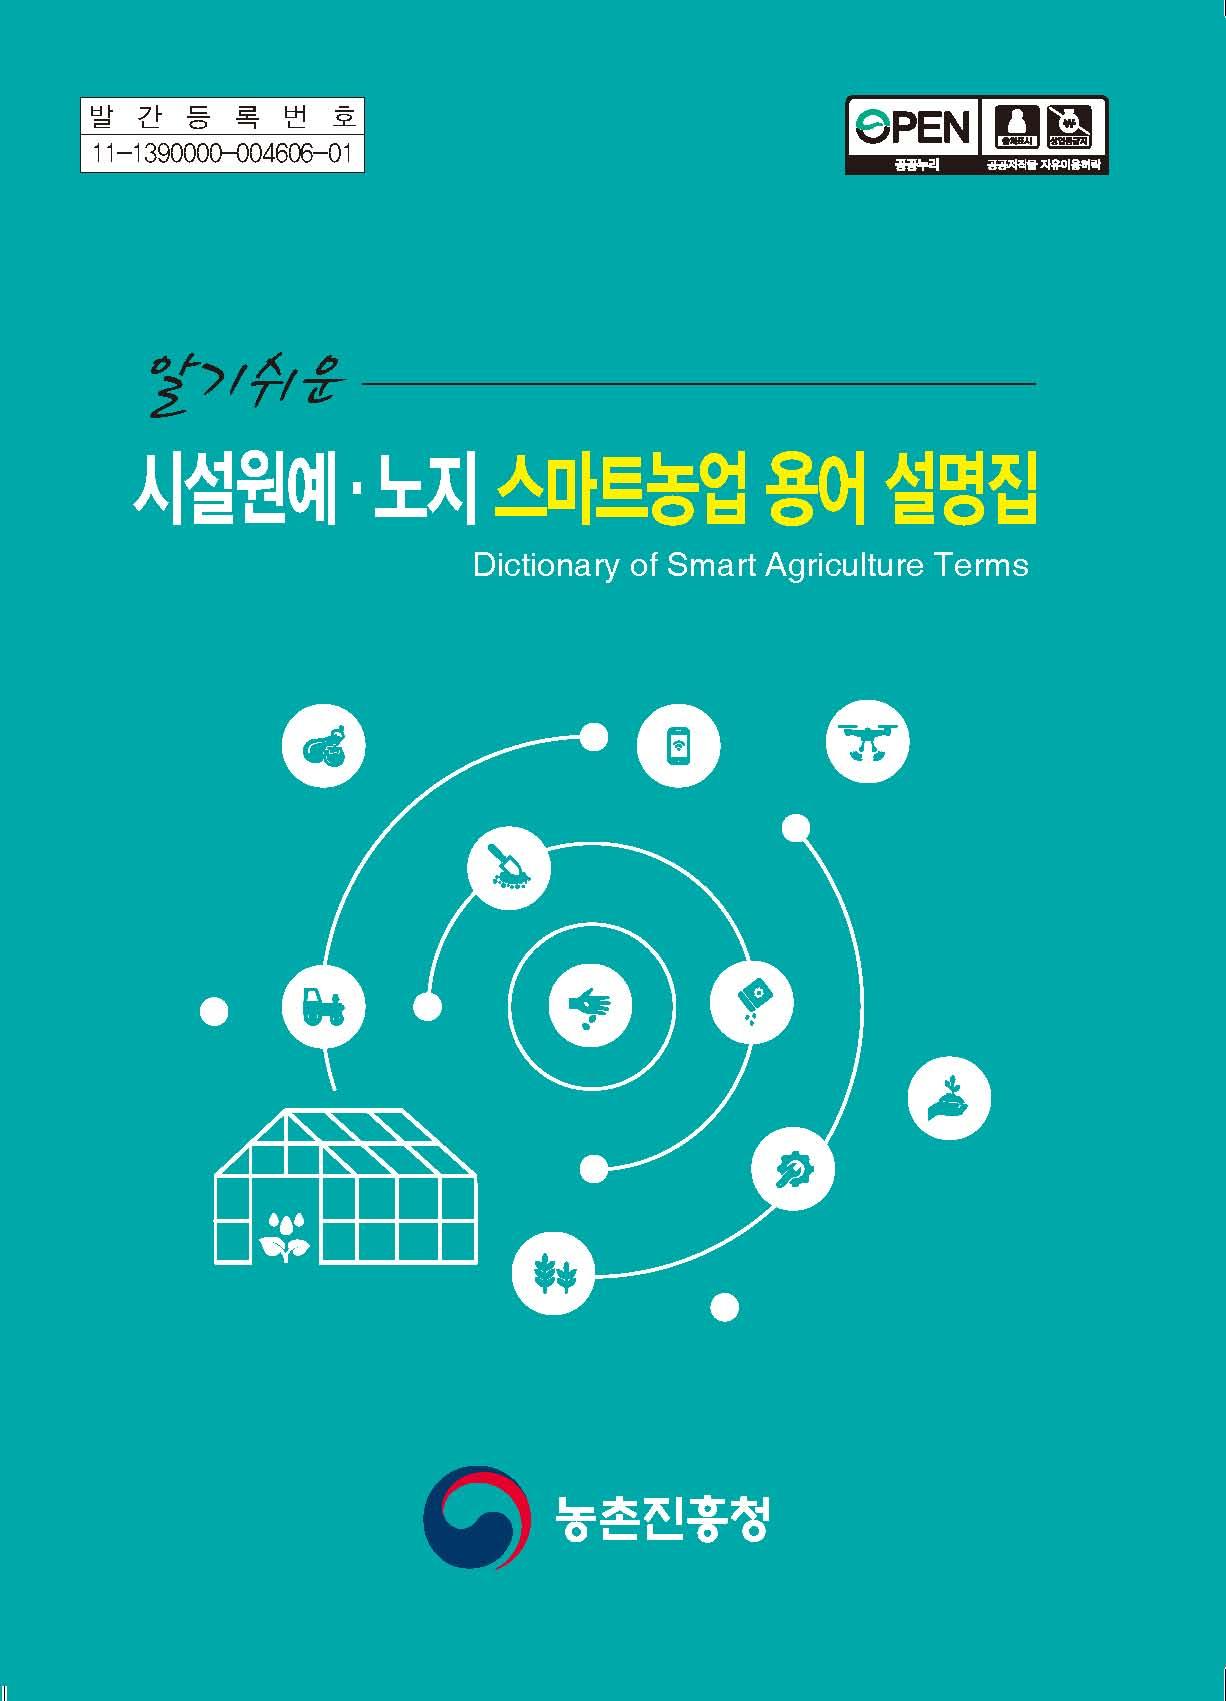 알기쉬운 시설원예·노지 스마트농업 용어 설명집